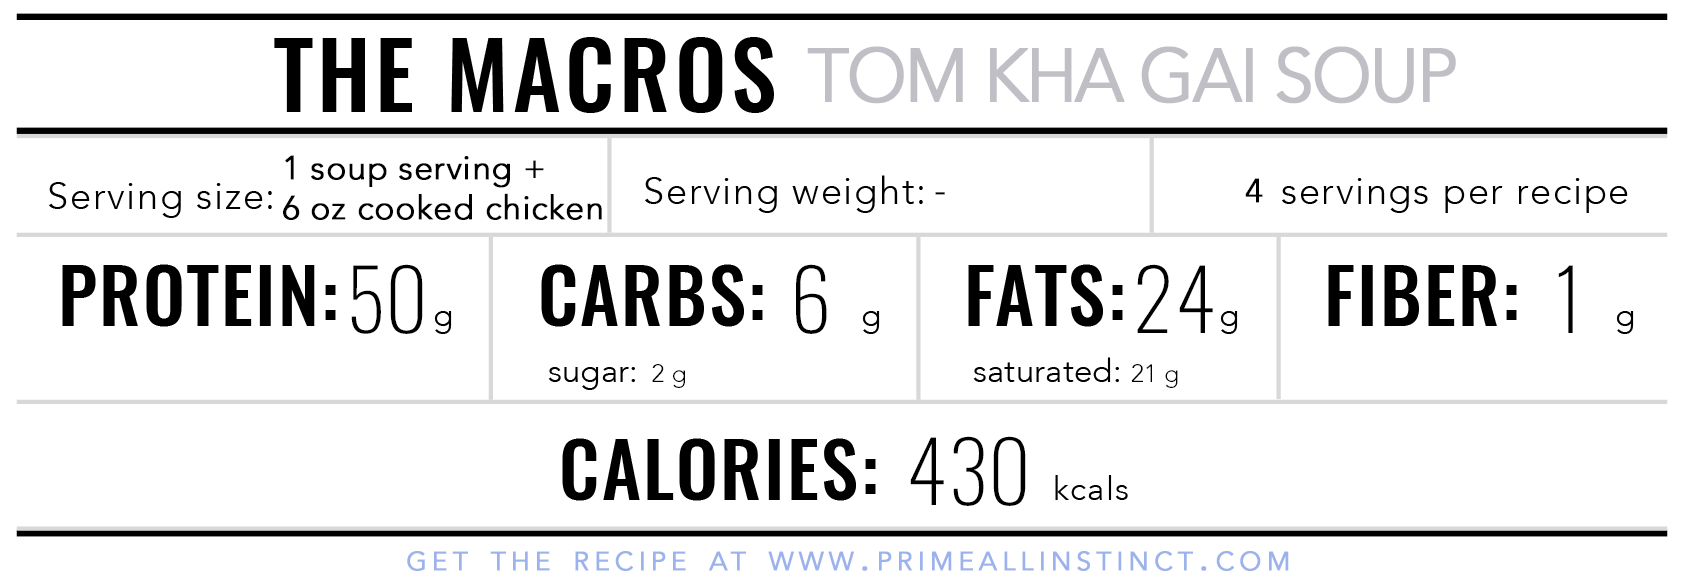 R4_Tom Kha Gai Soup_Nutrition Label.png